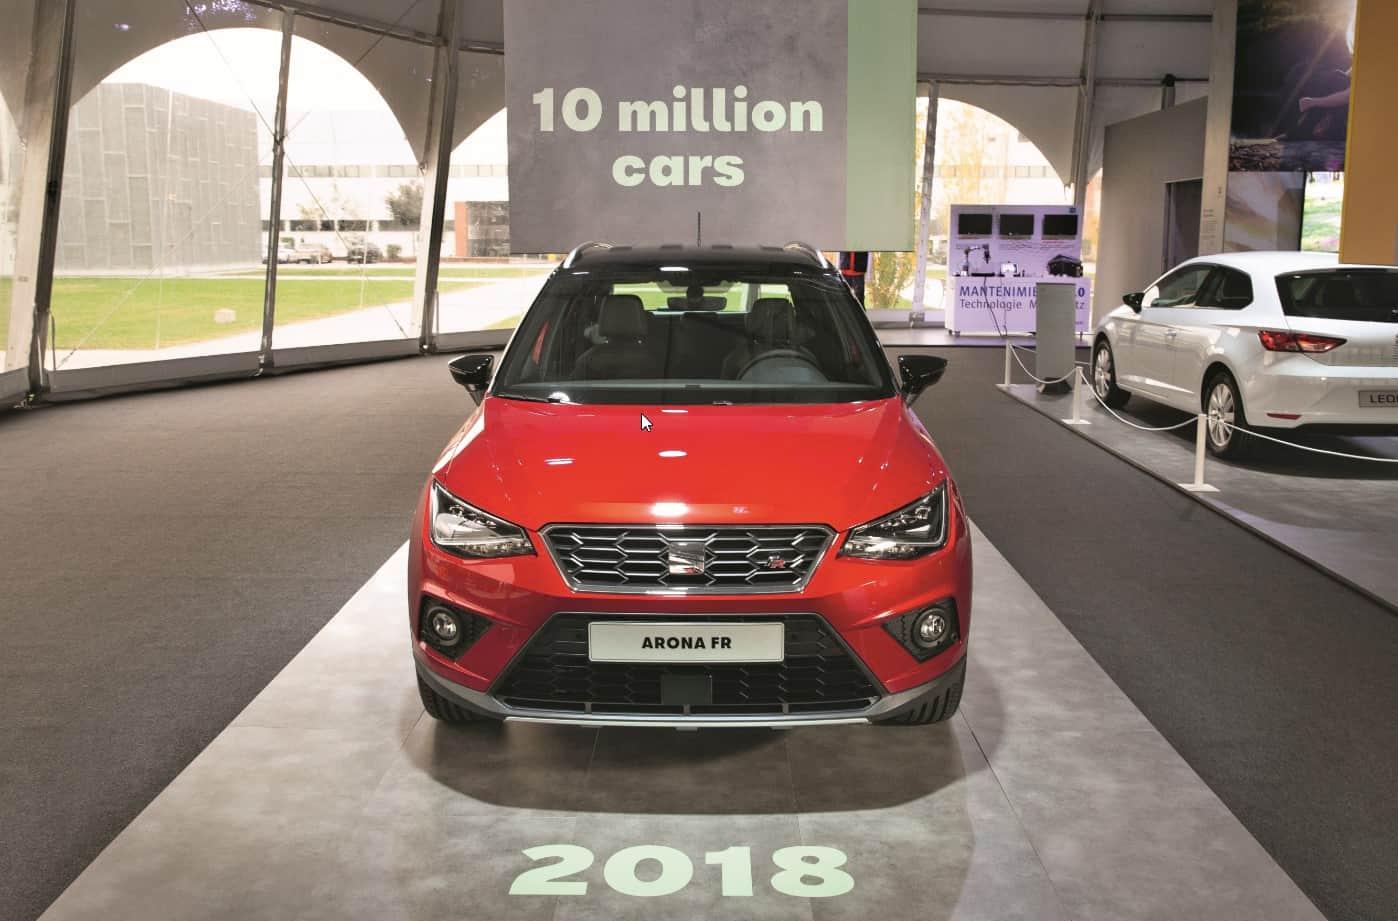 SEAT celebra 10 millones de autos fabricados en Martorell